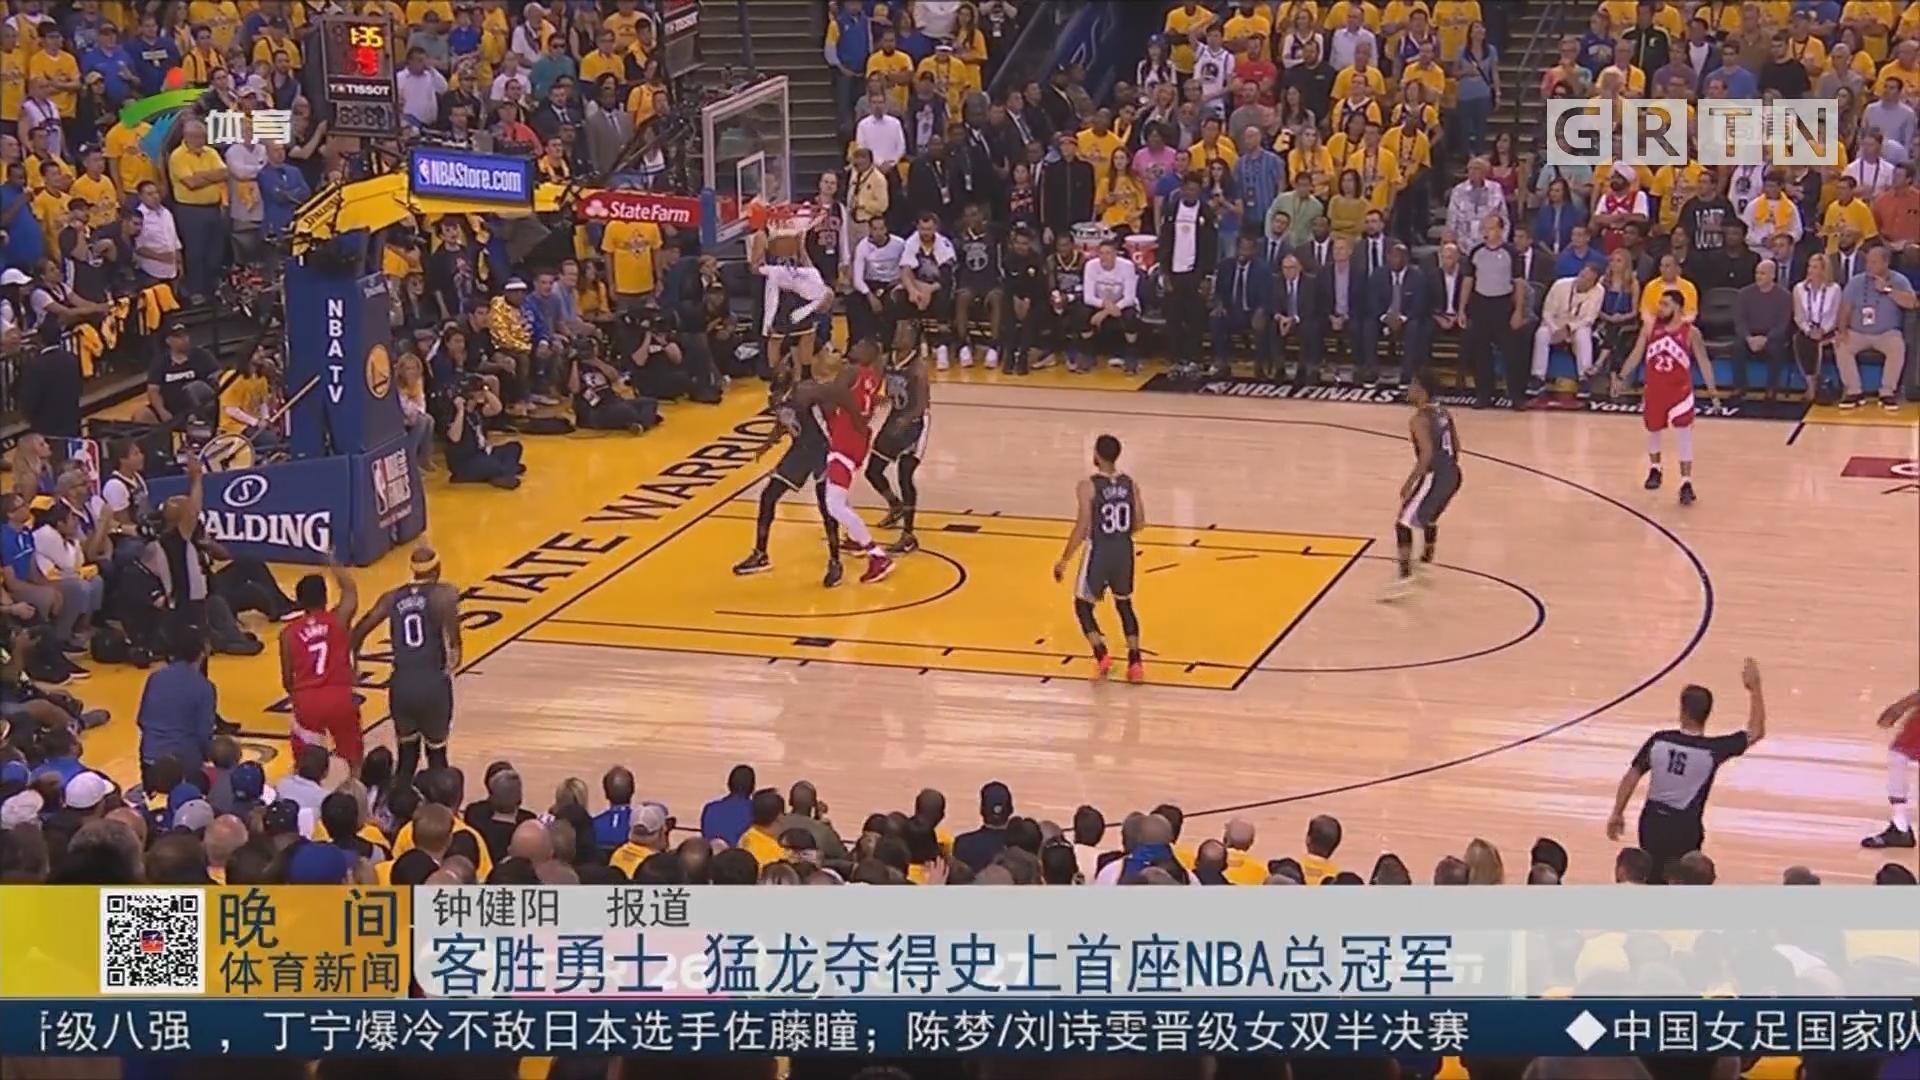 客胜勇士 猛龙夺得史上首座NBA总冠军